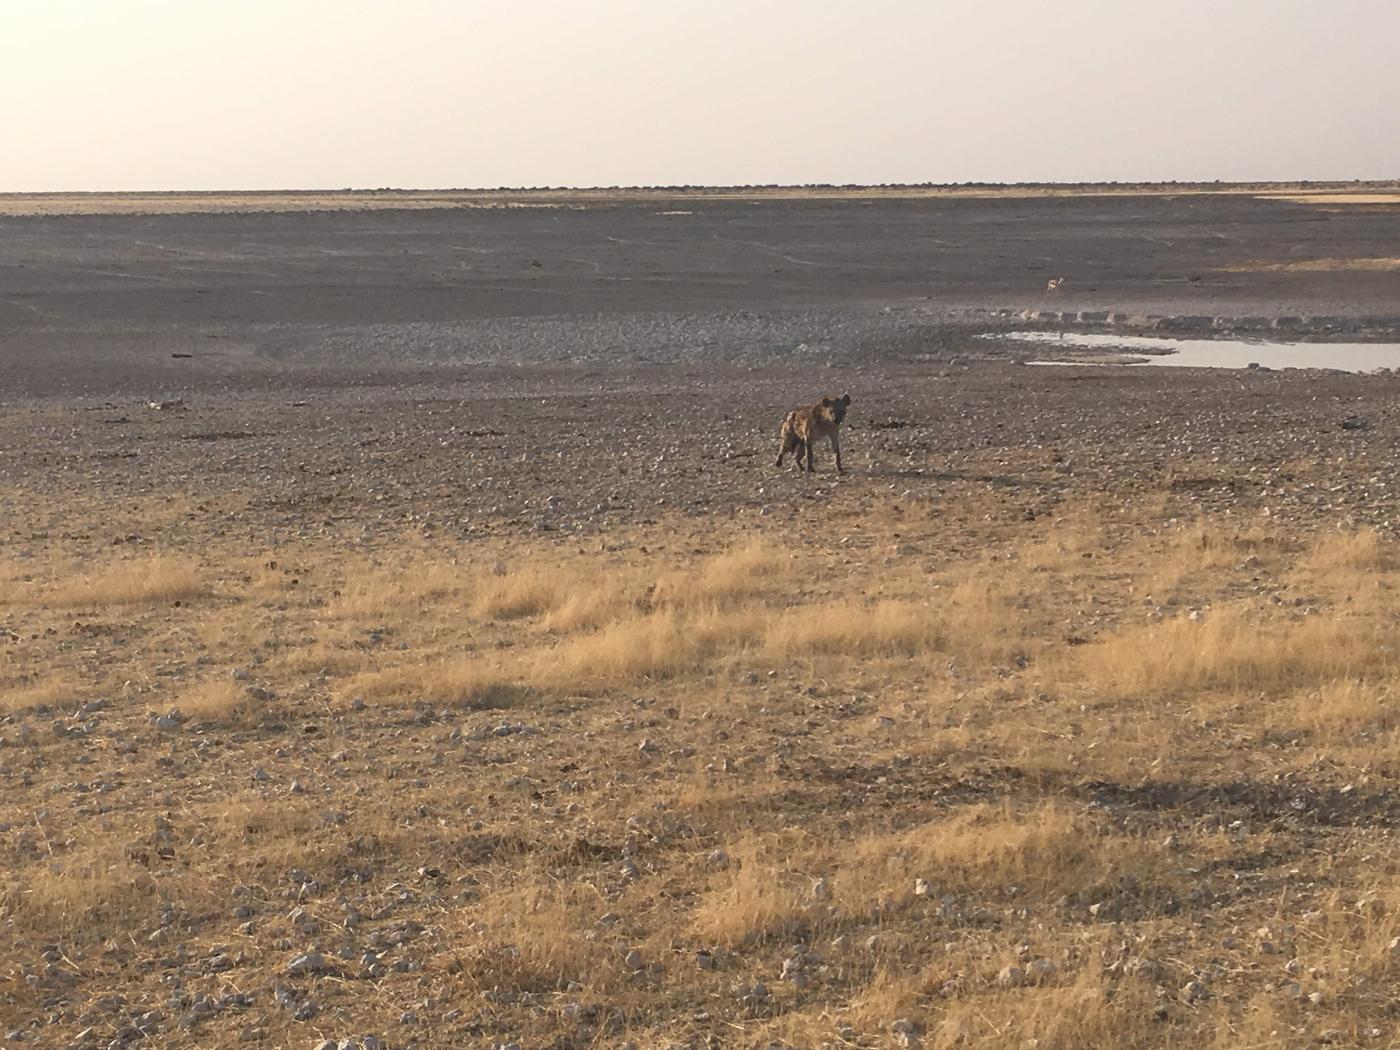 Spotted hyena in Etosha National Park